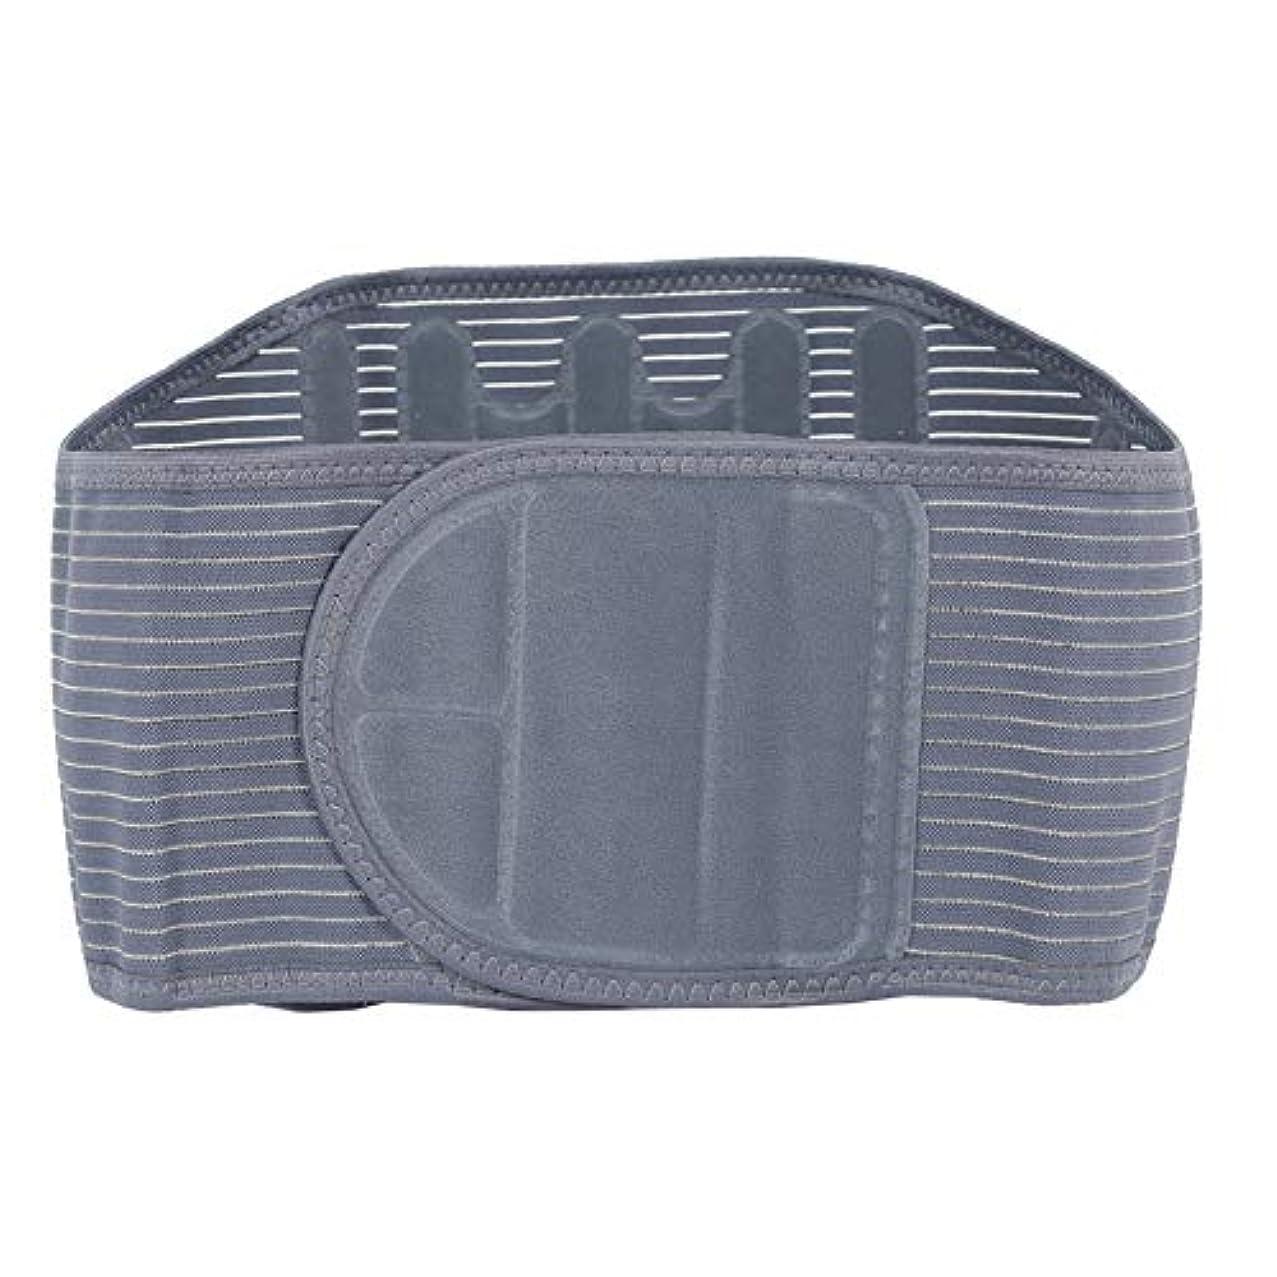 違法枕かき混ぜるウエストトレーナー痩身腹ウエストウォーマーベルトバックサポートフィットネススポーツと痛みを軽減する腰椎ウエストブレースラッププロテクター(XL)